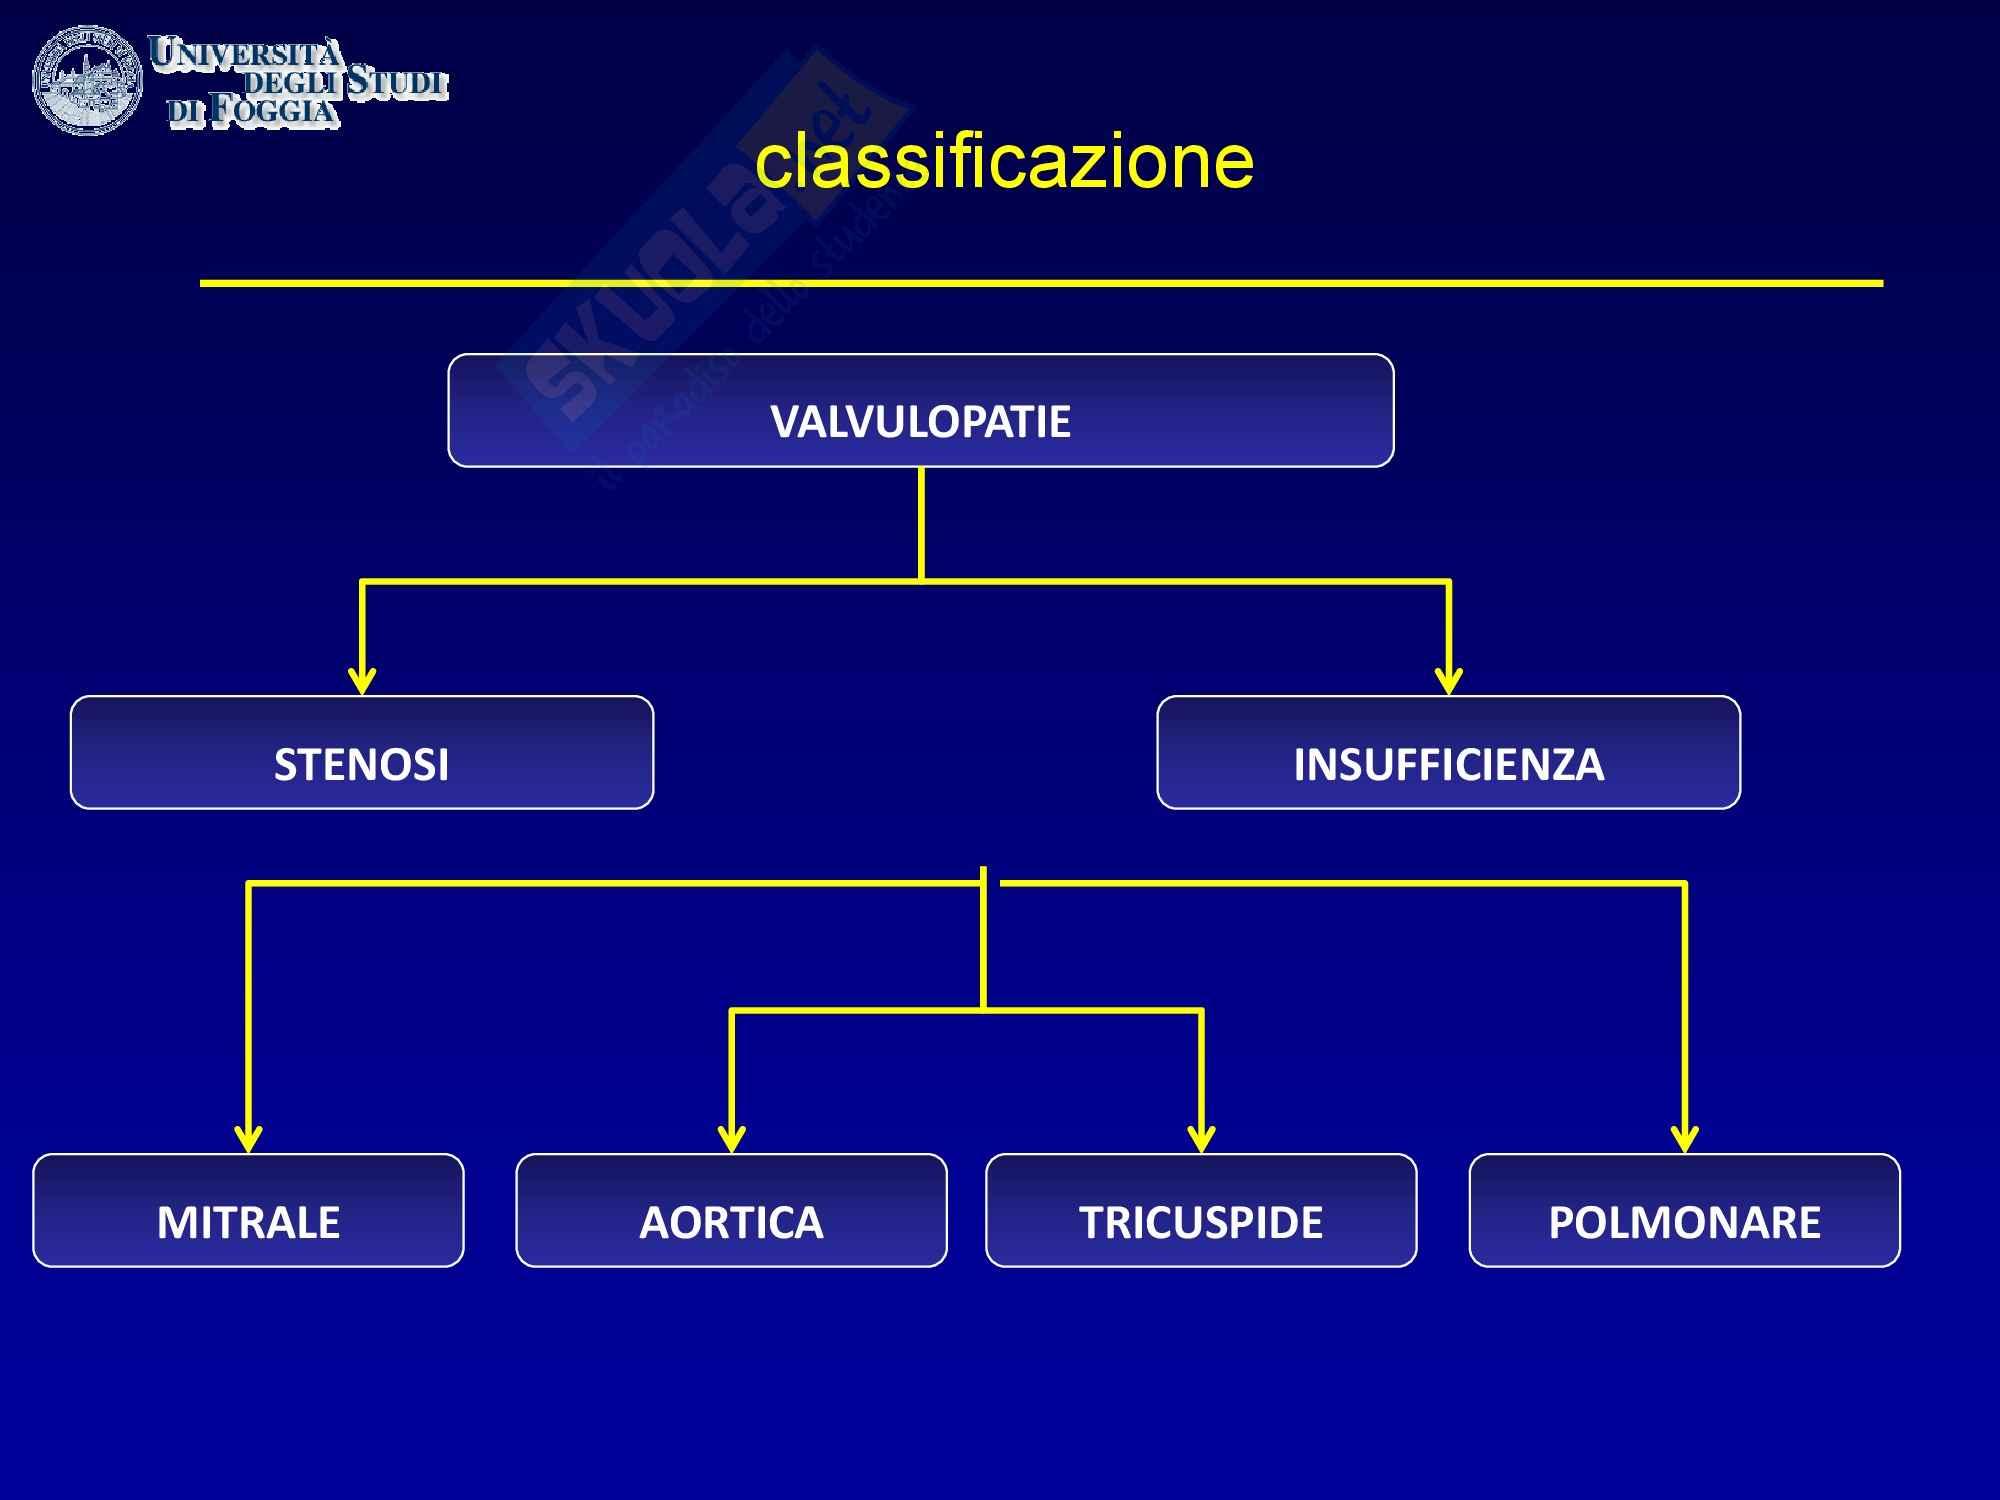 Cardiologia - la classificazione delle valvulopatie